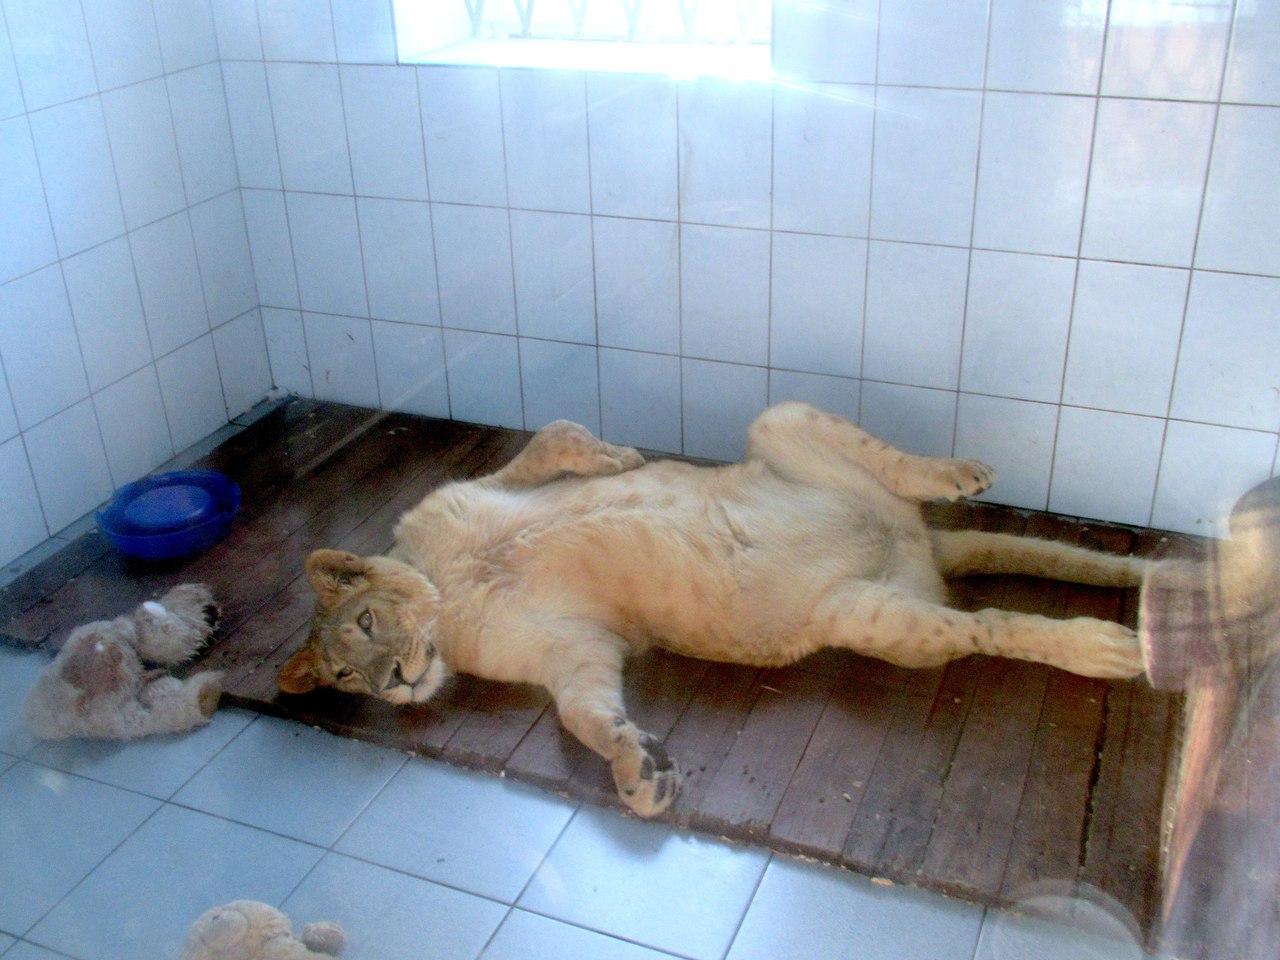 Про диких животных, которые всех удивили! Спасение ослика-сюрприза, молочного медвежонка и йога-львицы! рис 2